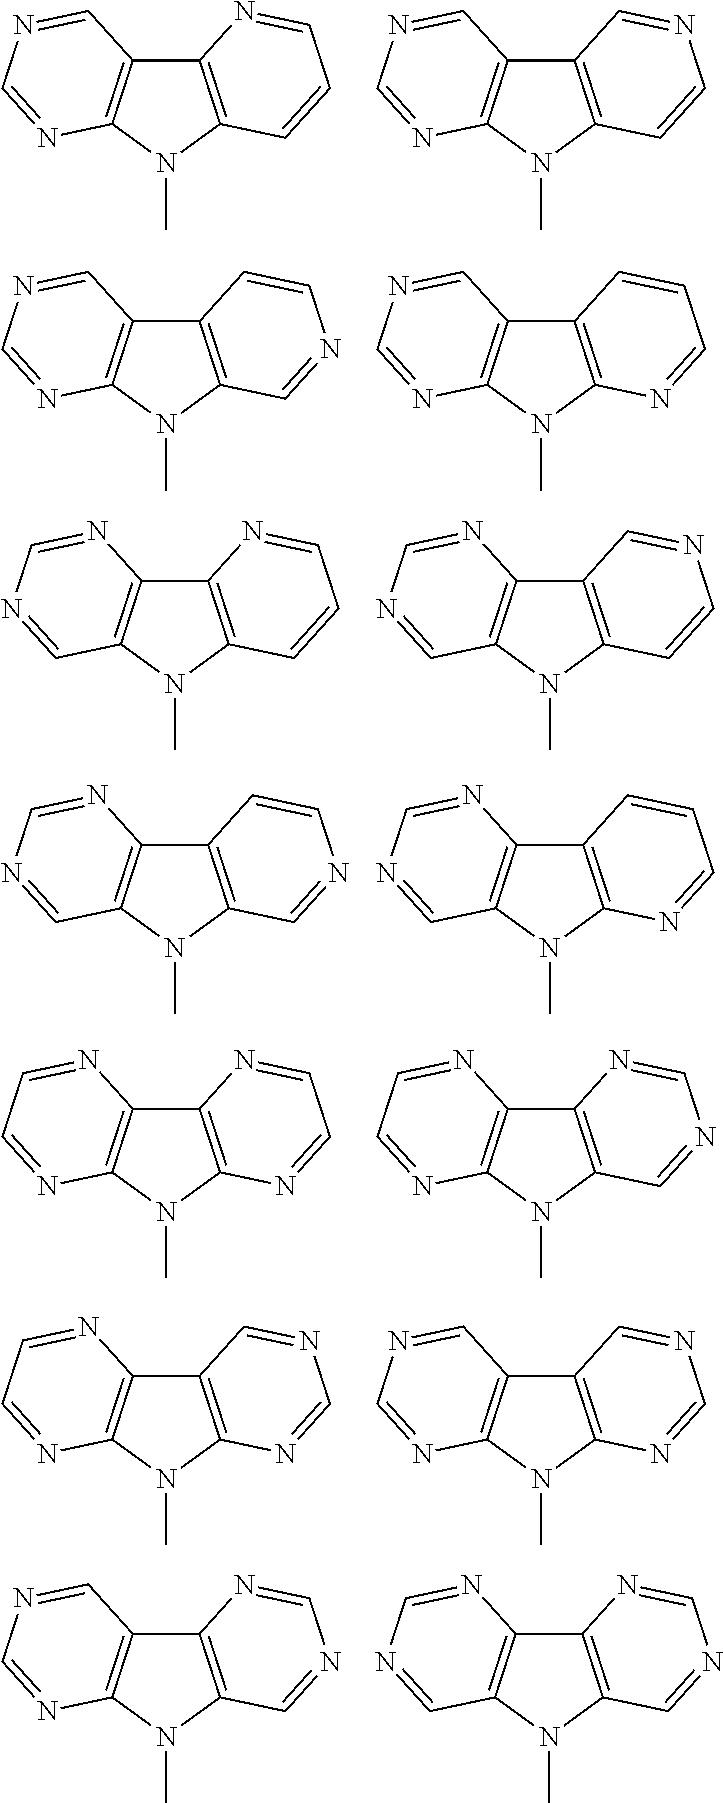 Figure US08580399-20131112-C00017